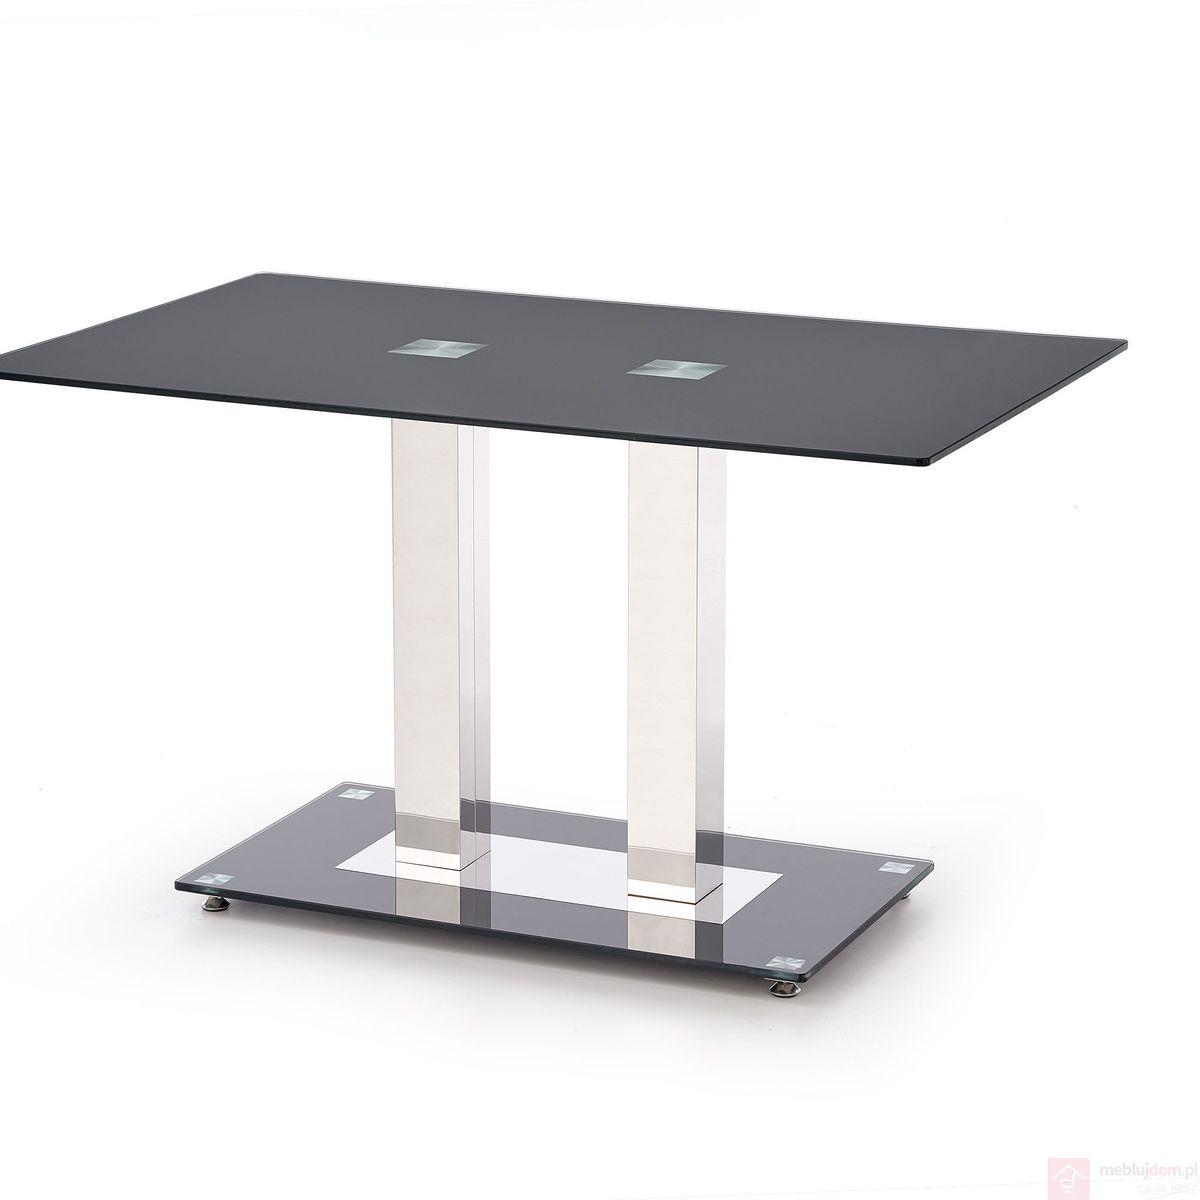 Stół WALTER 2 Halmar Przezroczysty, 80x130 cm